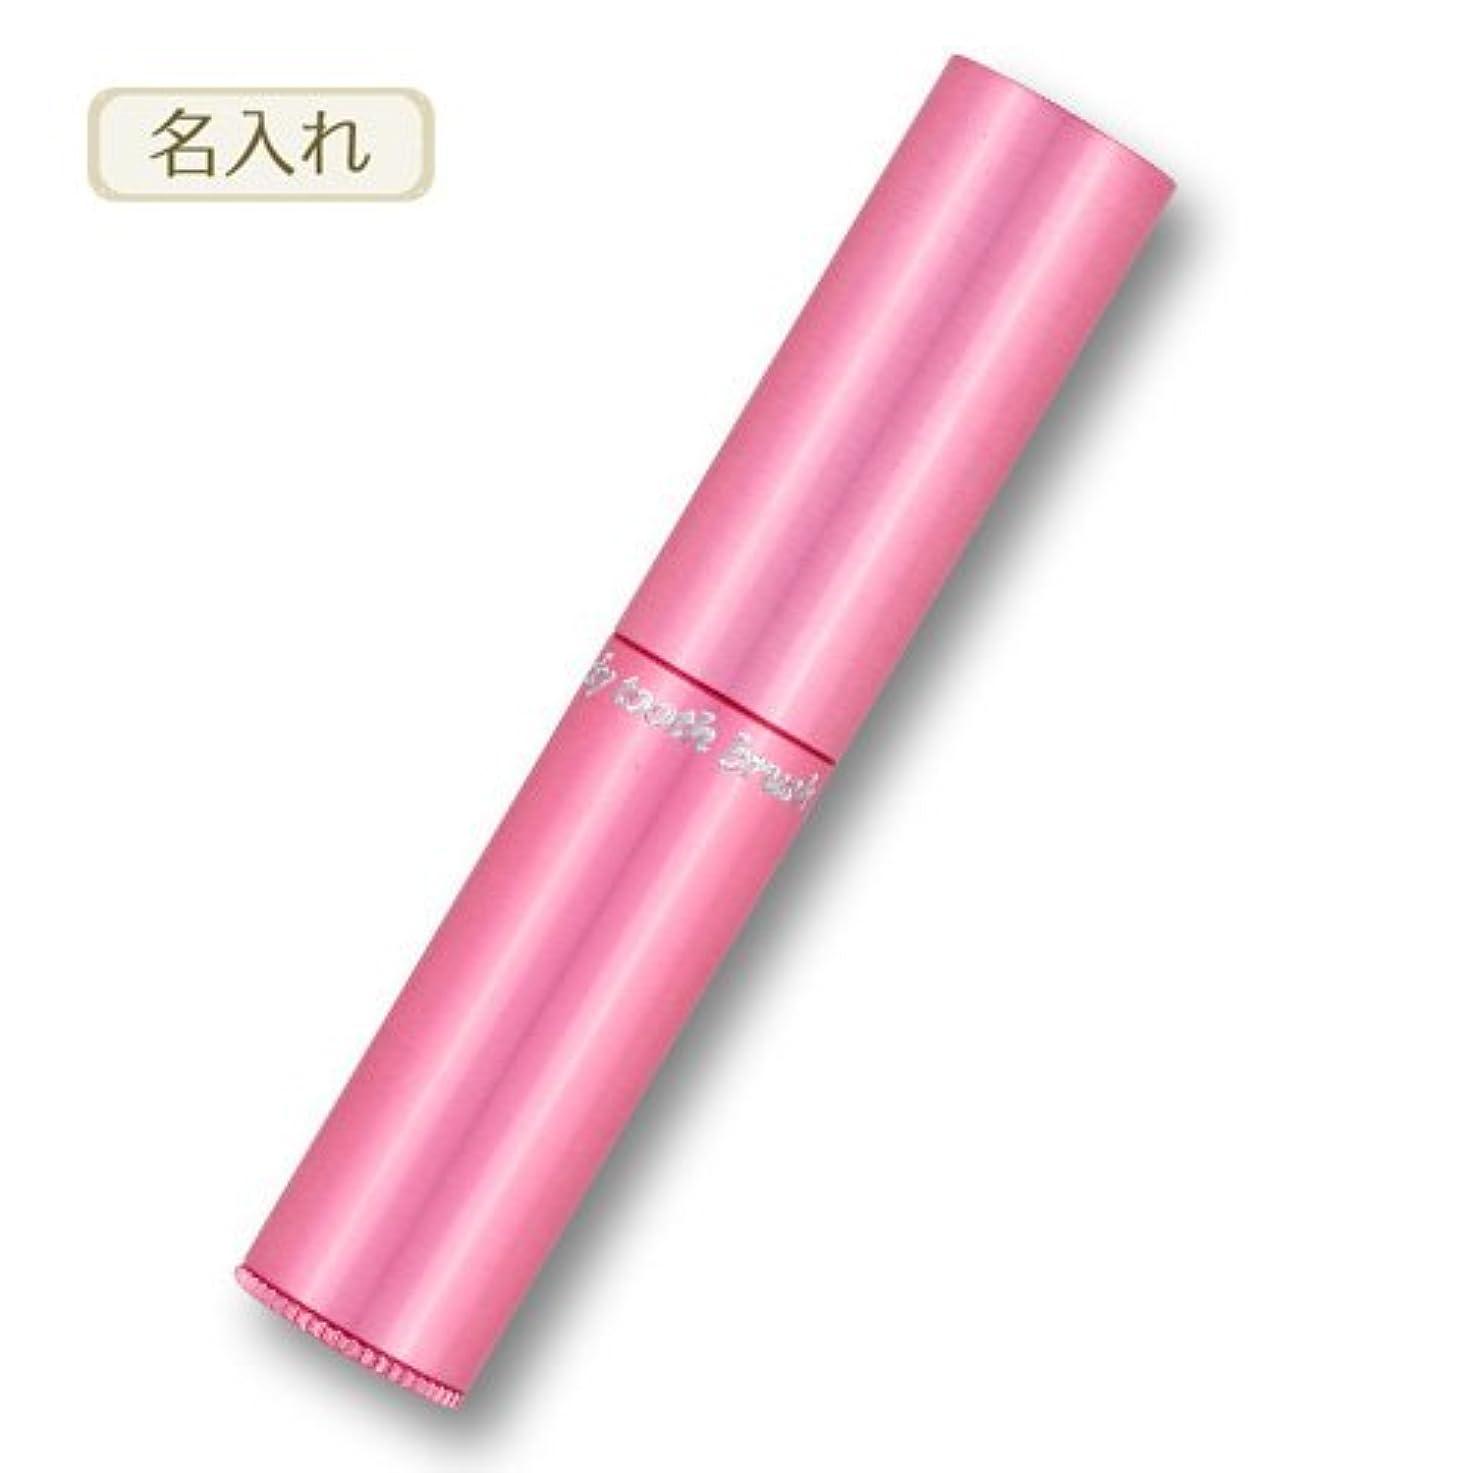 電気技師称賛とても携帯歯ブラシ?タベタラmigaCO(ピンク?ネーム入り)